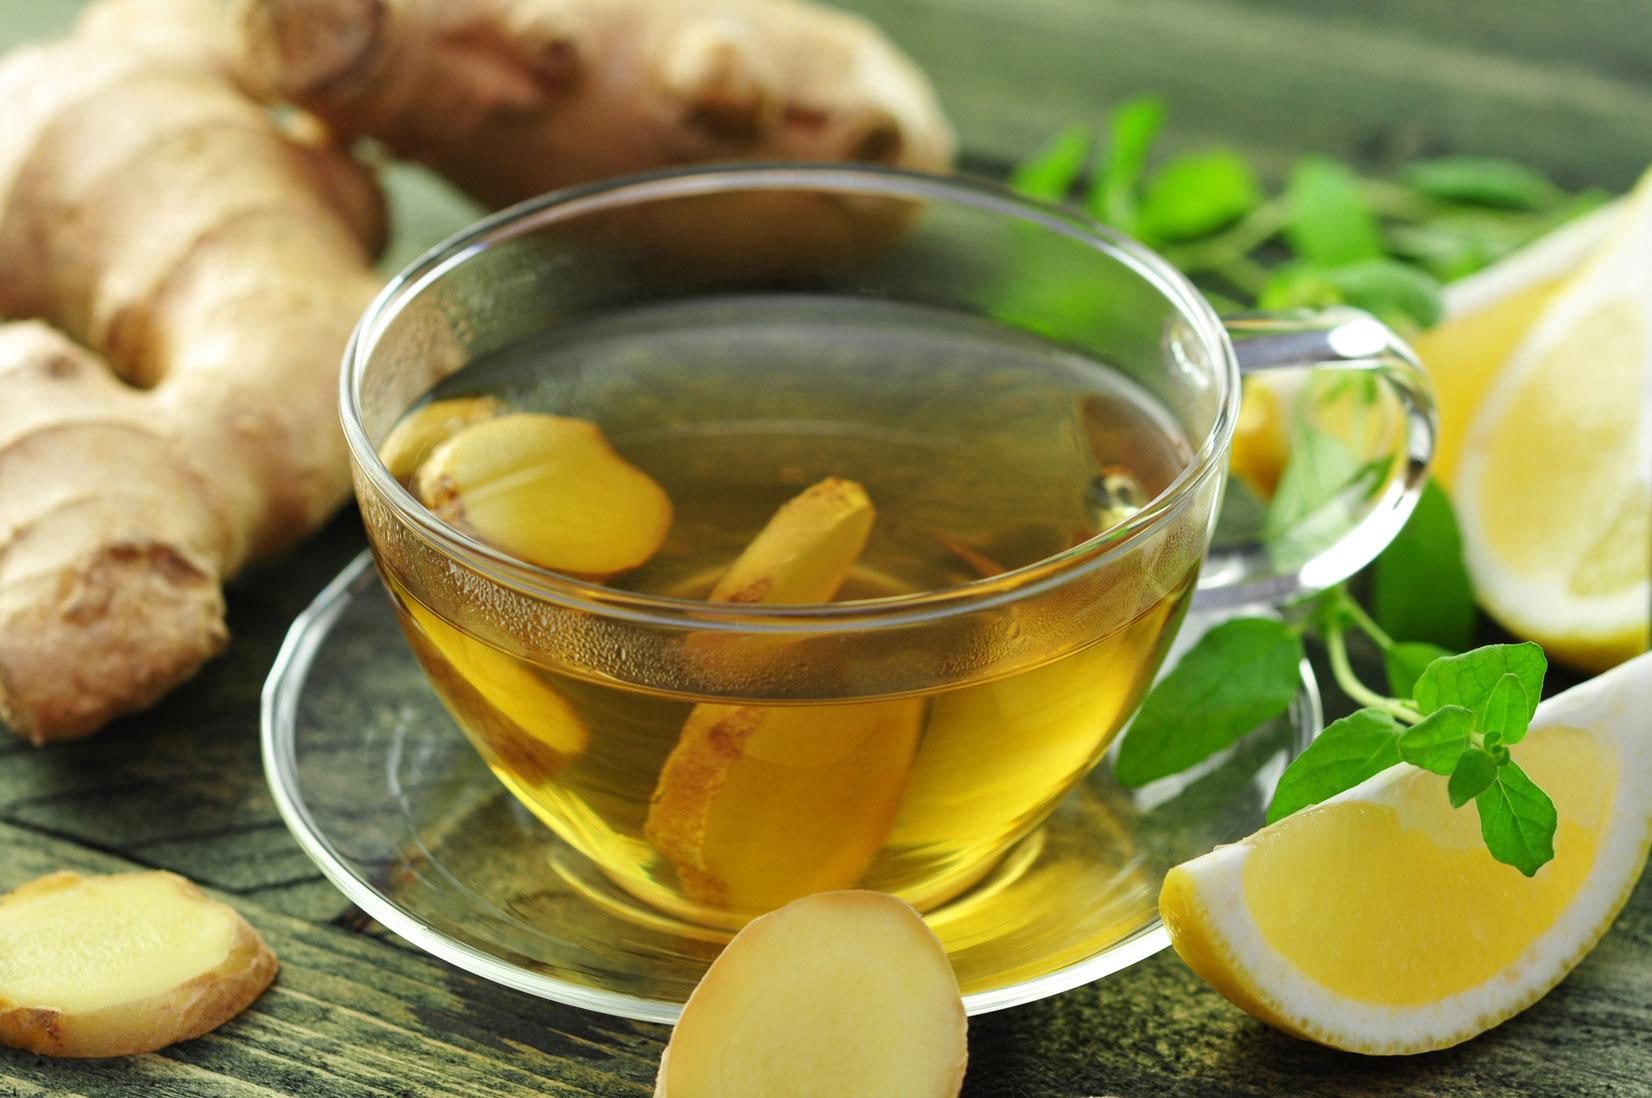 Le gigembre fait augmenter la température du corps et booste ainsi le métabolisme. Ce qui aide l'organisme à éliminer plus facilement les graisses et les toxines.